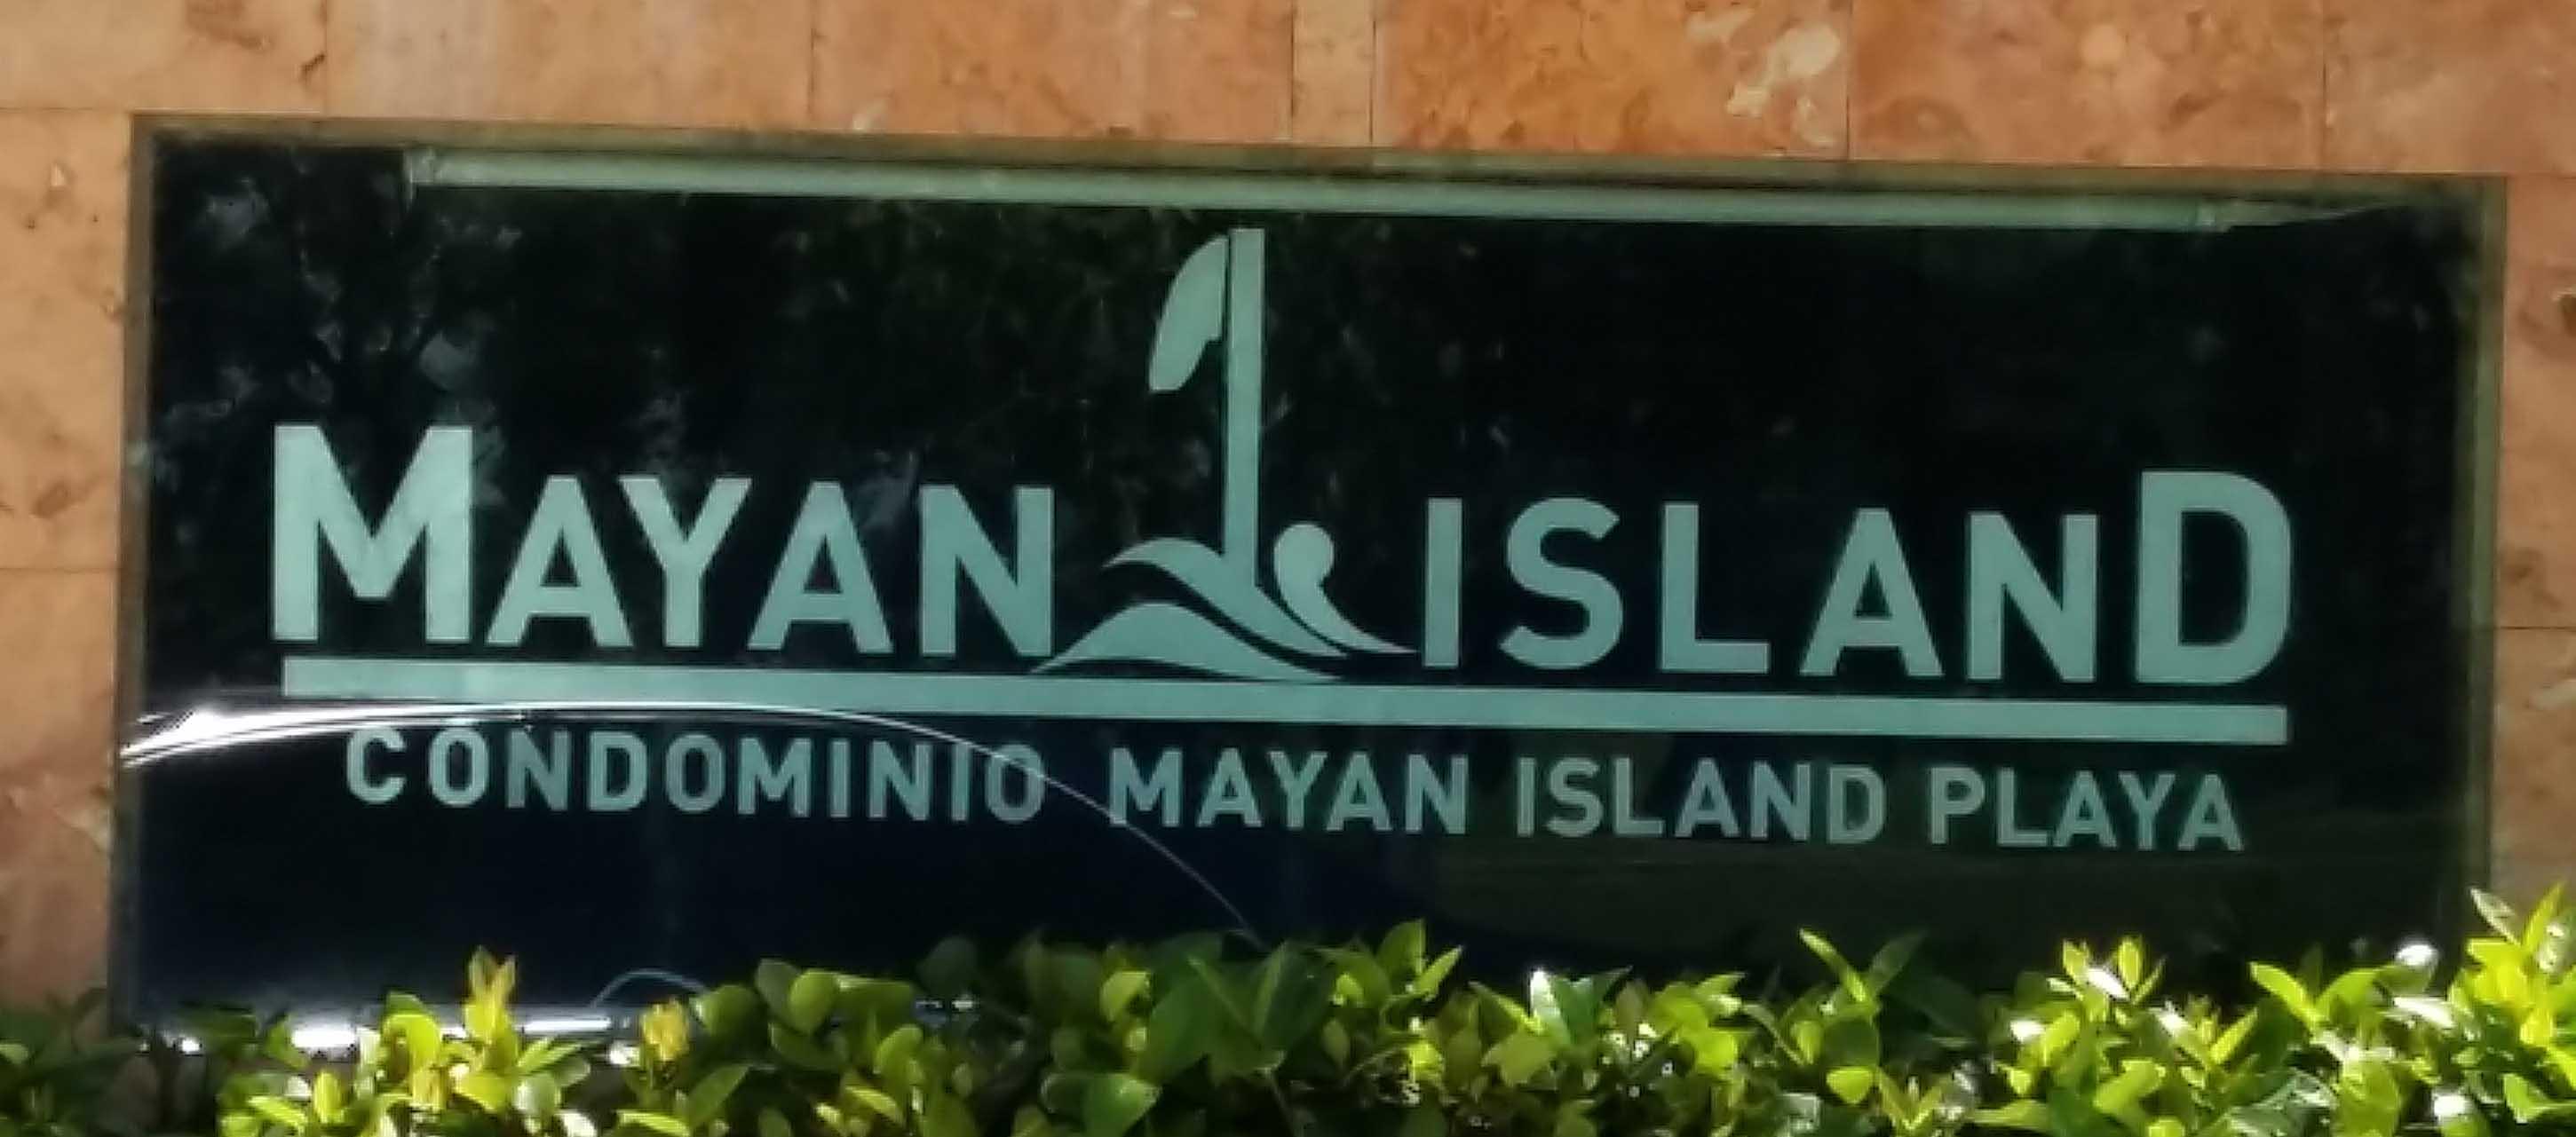 Mayan Island